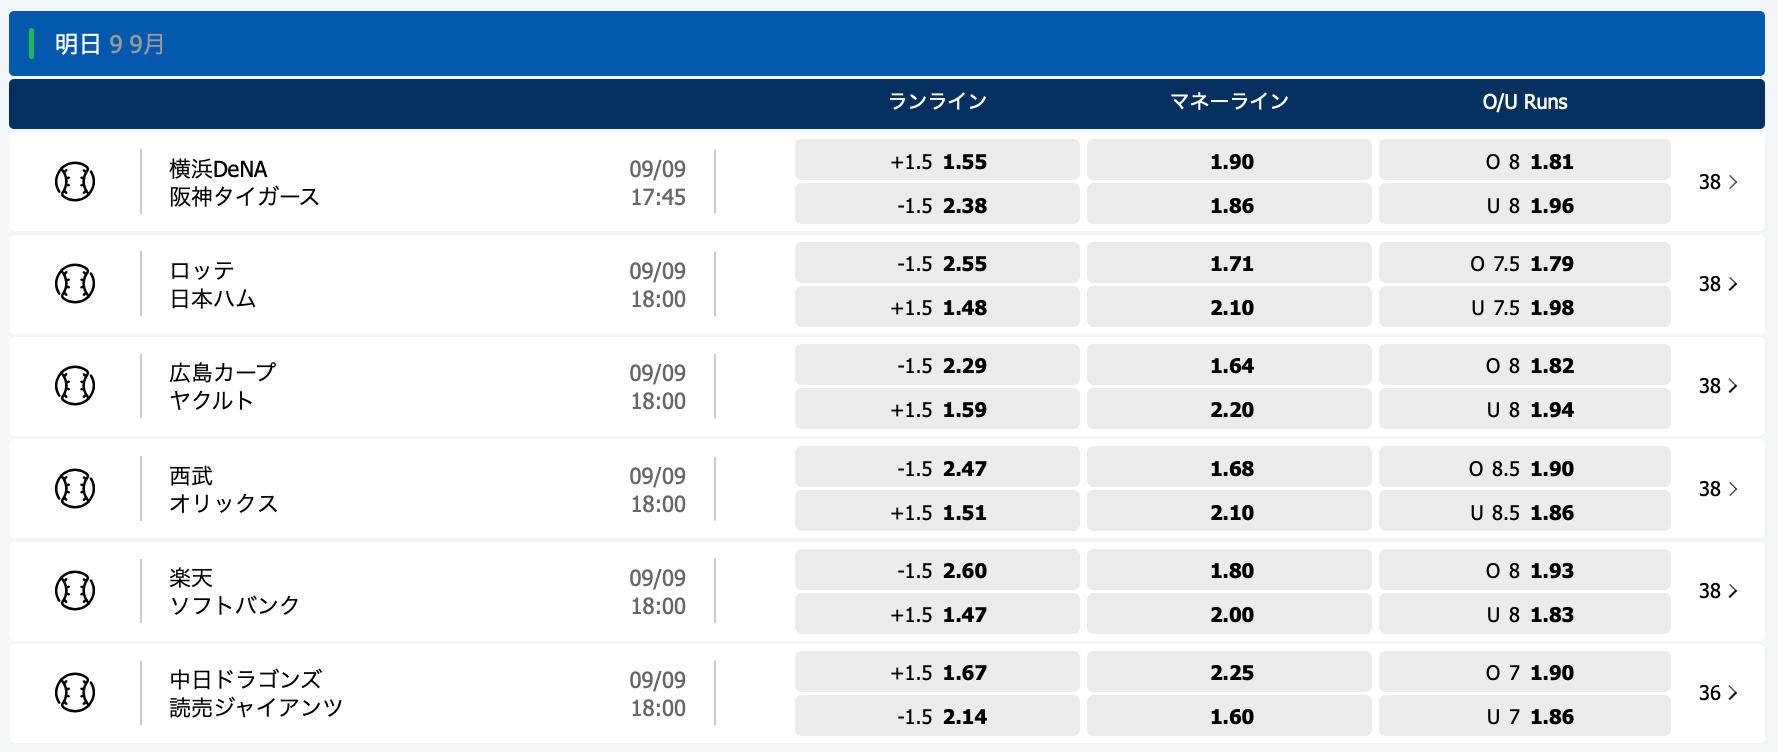 2020.9.9 プロ野球オッズ・10bet Japan